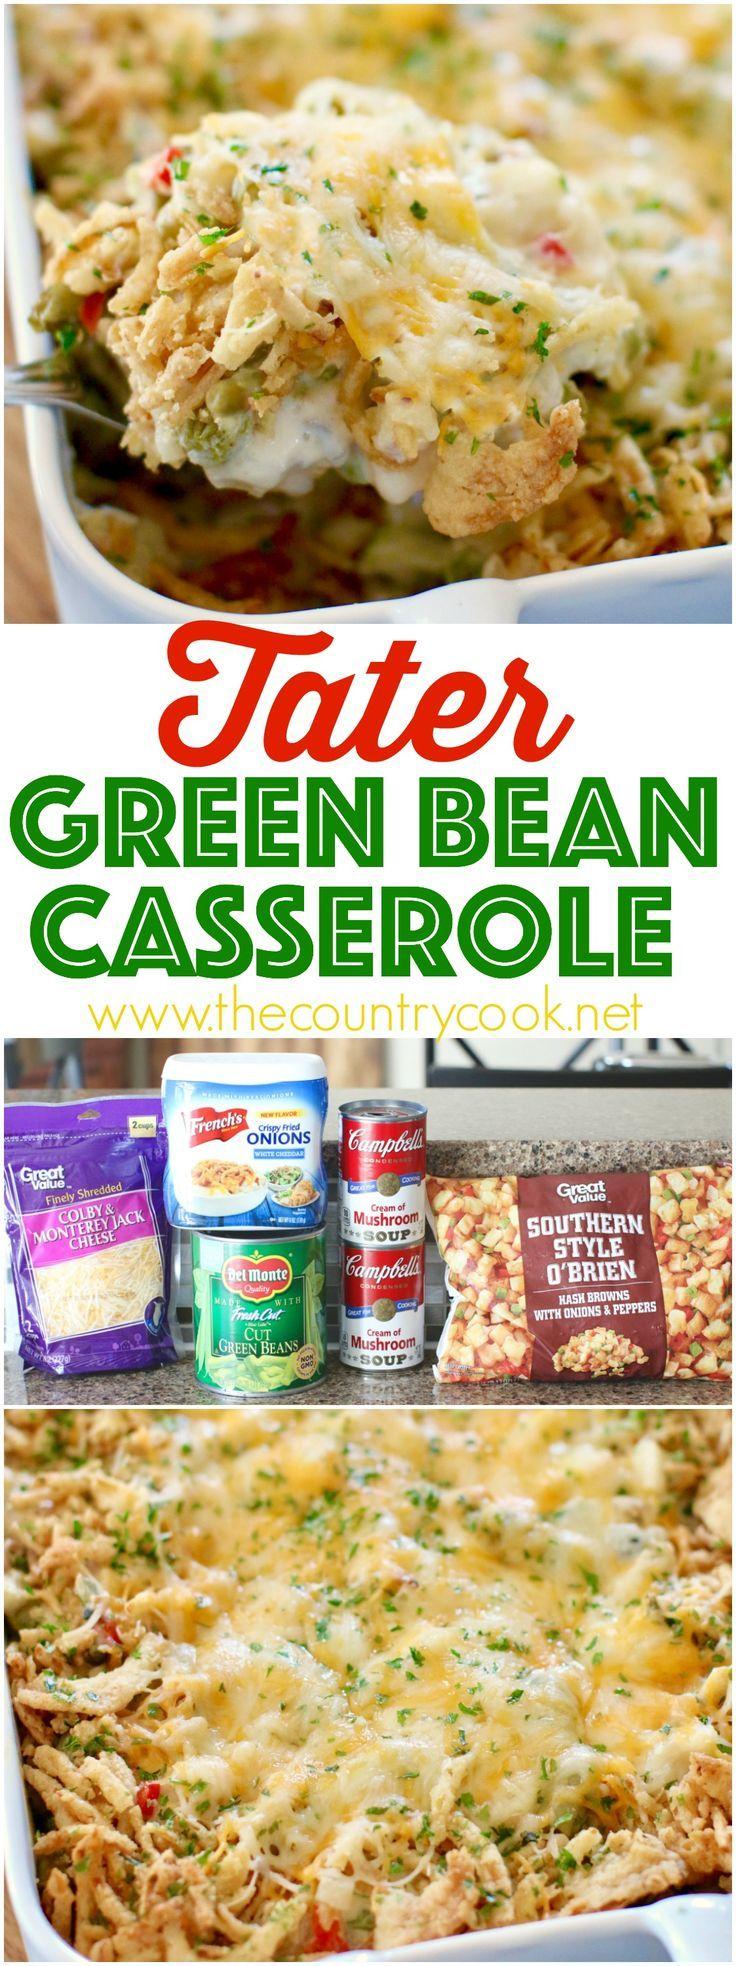 Best 25+ Fresh Green Bean Casserole Ideas On Pinterest  French's Green Bean  Casserole, Homemade Green Bean Casserole And Best Green Bean Casserole